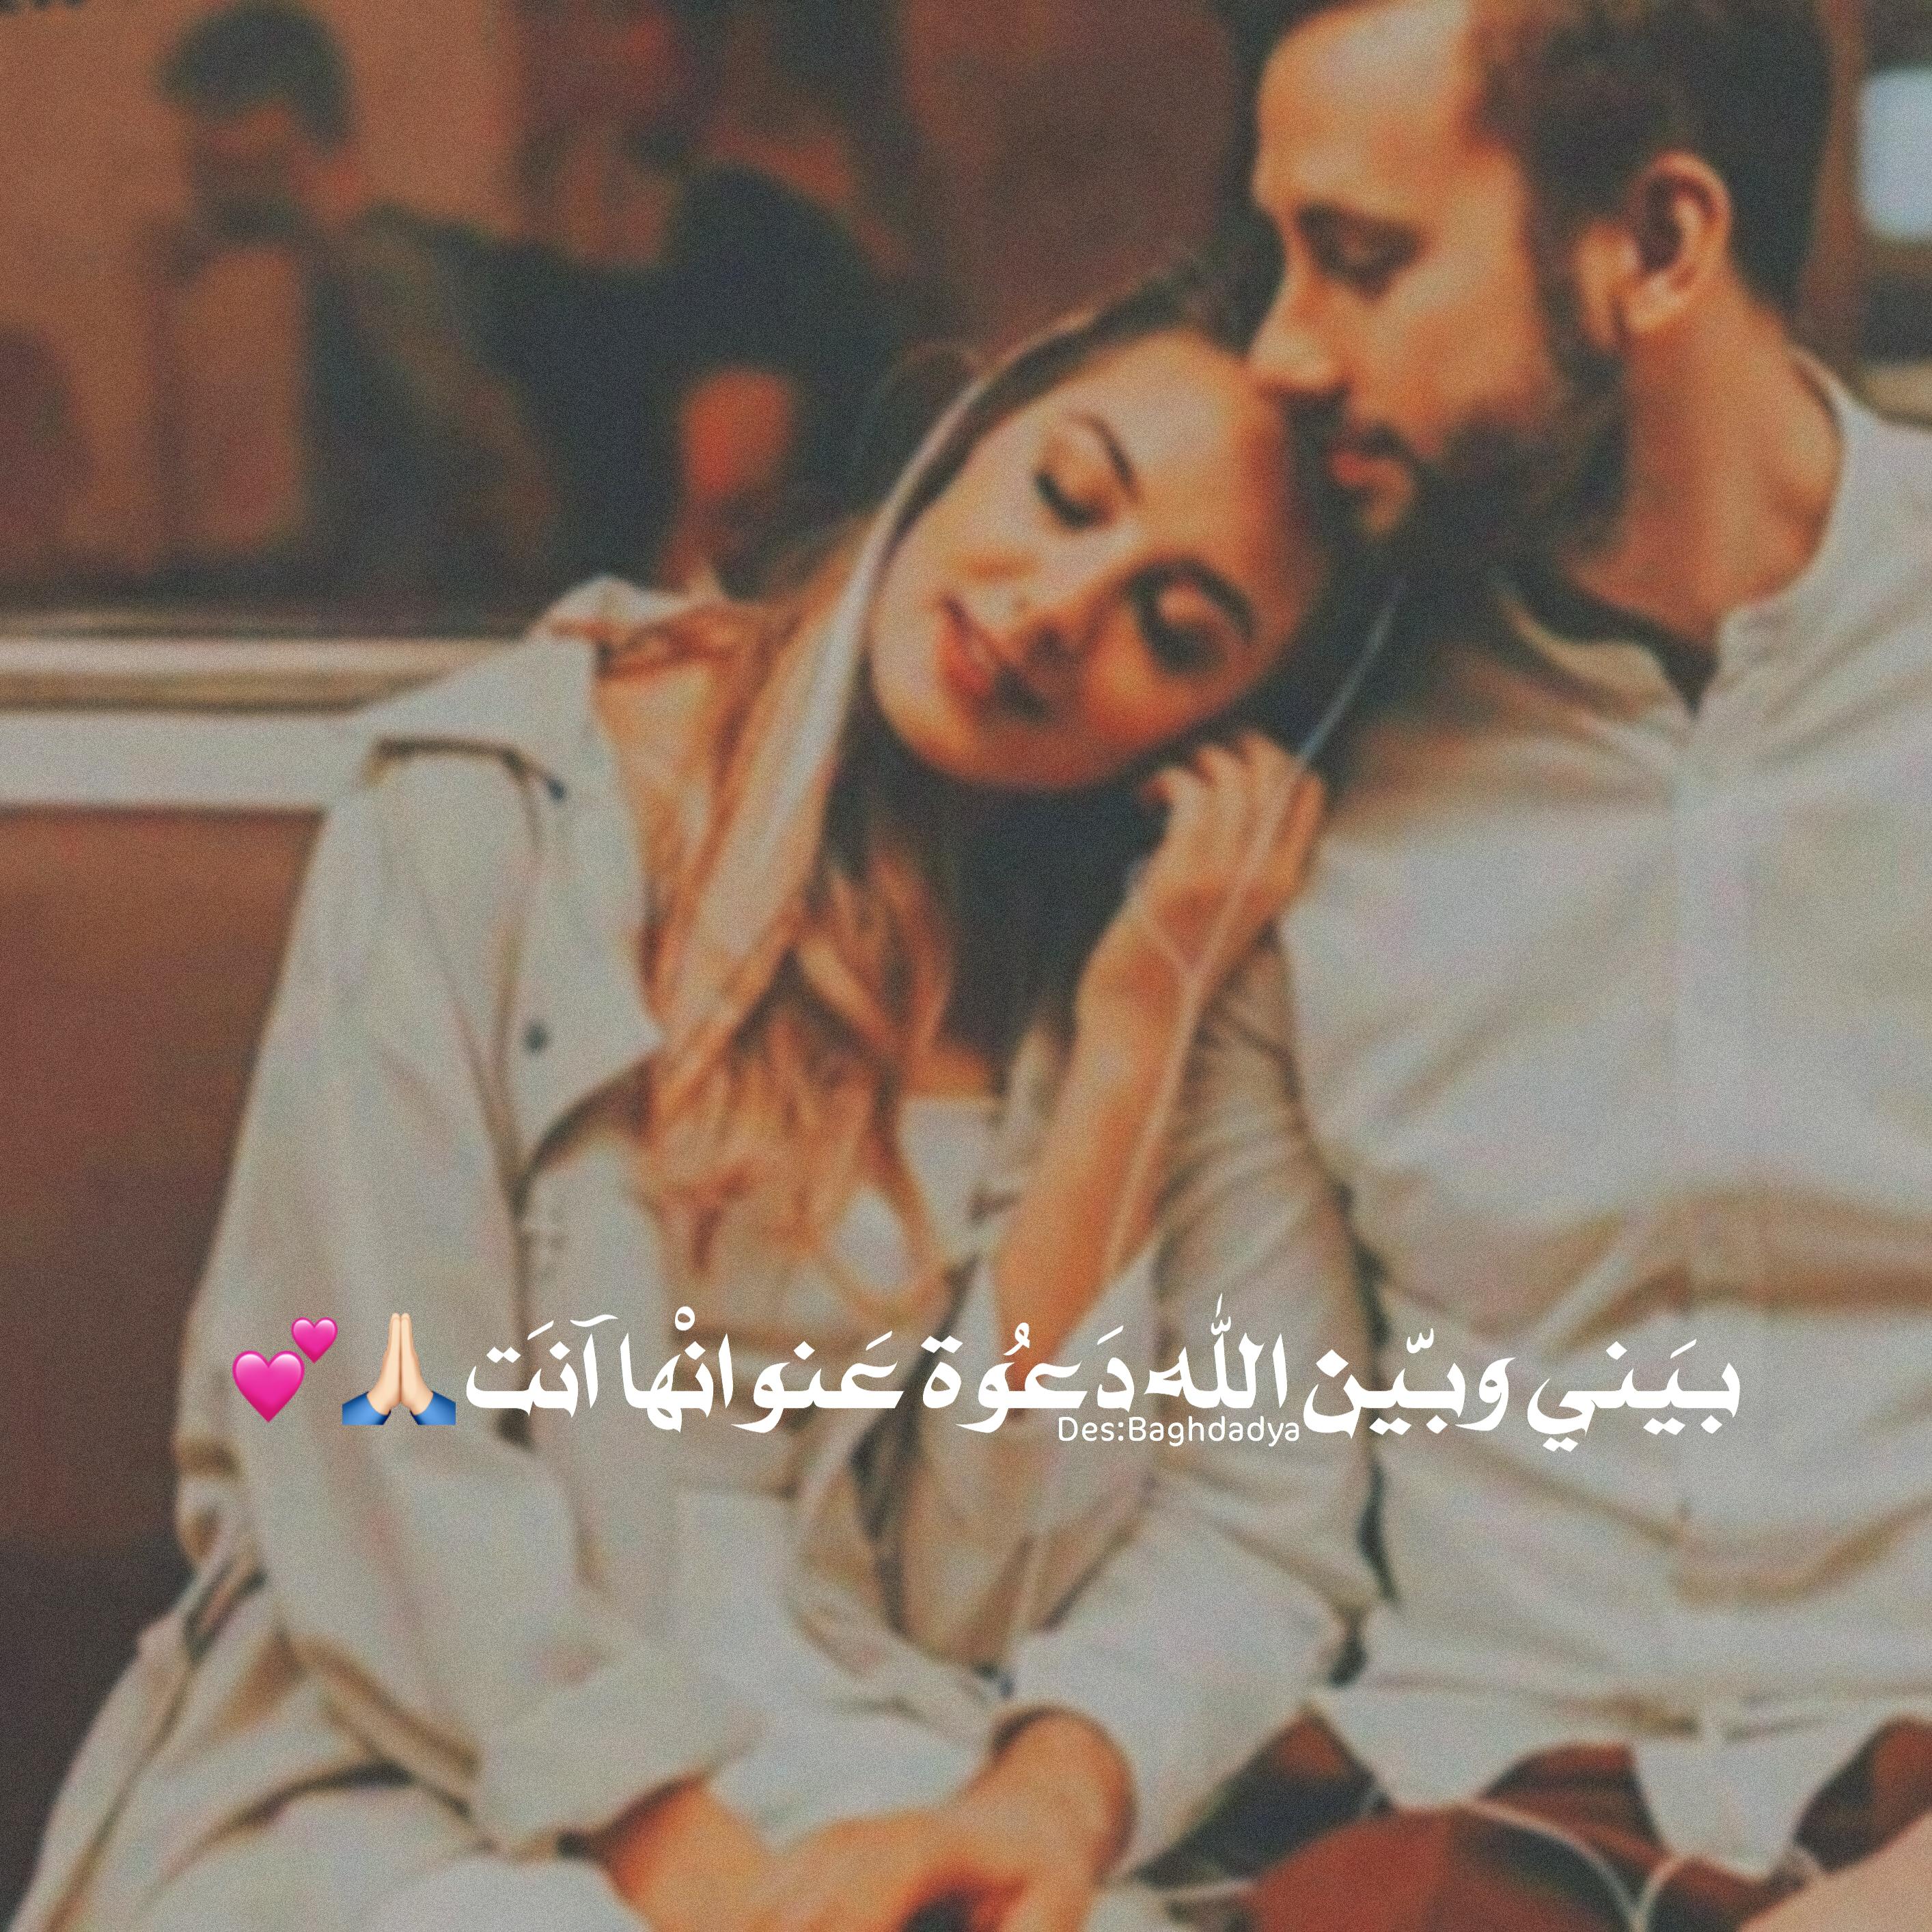 Pin By Fatima Al Hawaj On رمزيات Unique Love Quotes Love Words Romantic Love Quotes